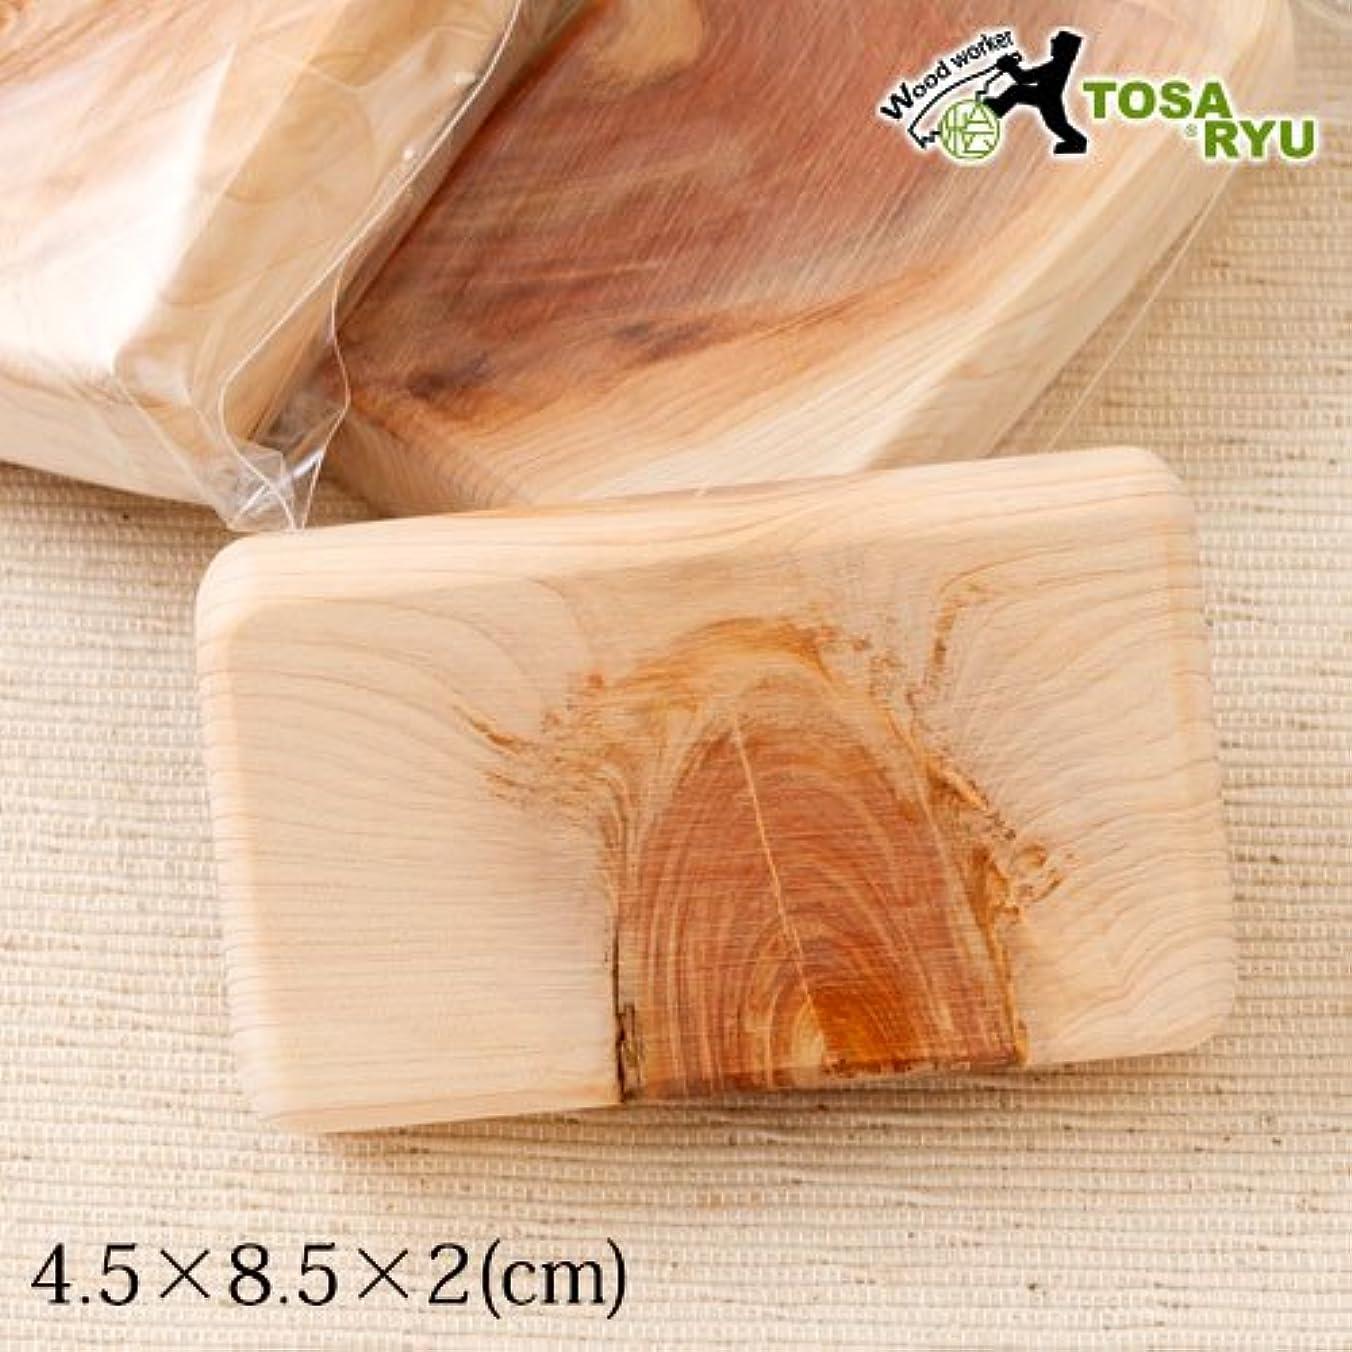 クッションジェーンオースティンミケランジェロ土佐龍アロマブロック(1個)高知県の工芸品Aroma massager of cypress, Kochi craft